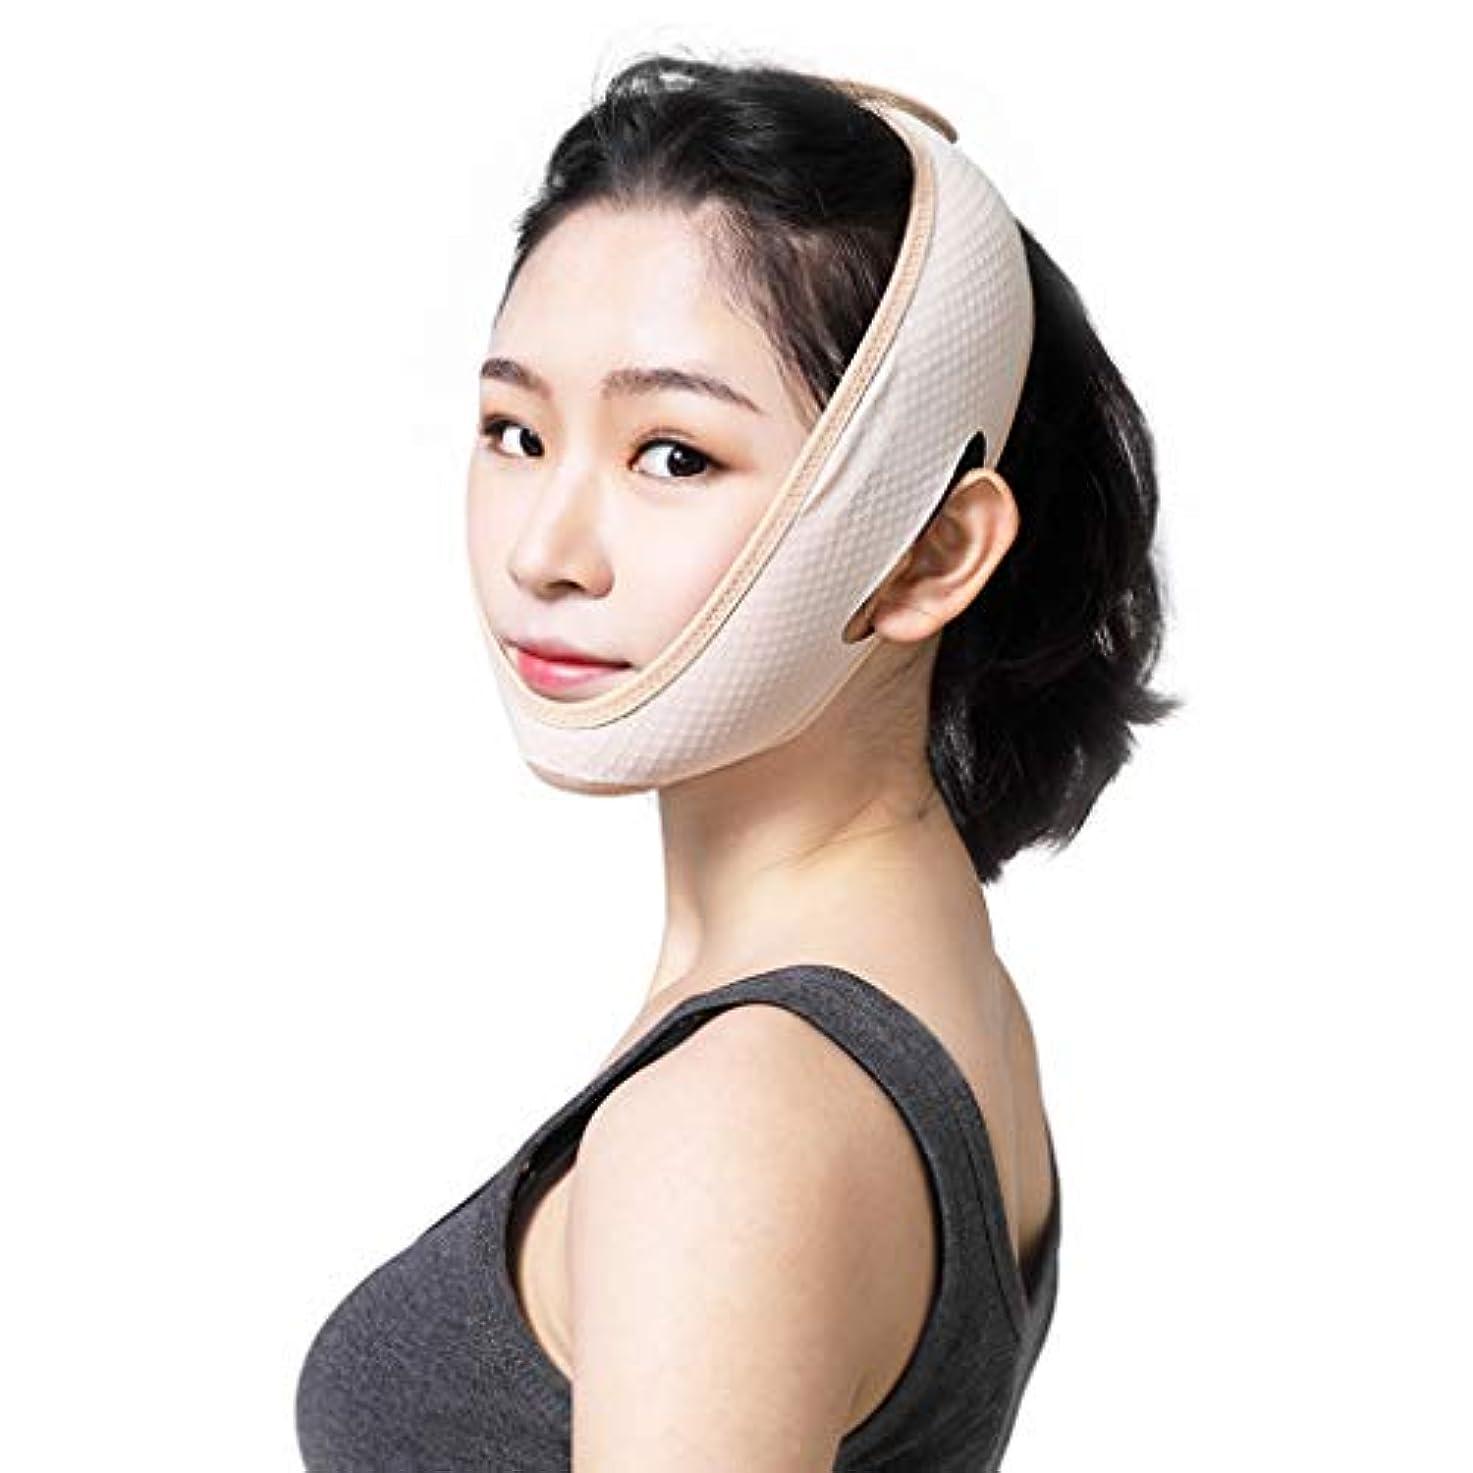 ルネッサンスバース阻害する顔の減量顔 V 顔の薄い二重あごリフト引き締め顔面包帯睡眠マスクマッサージ通気性